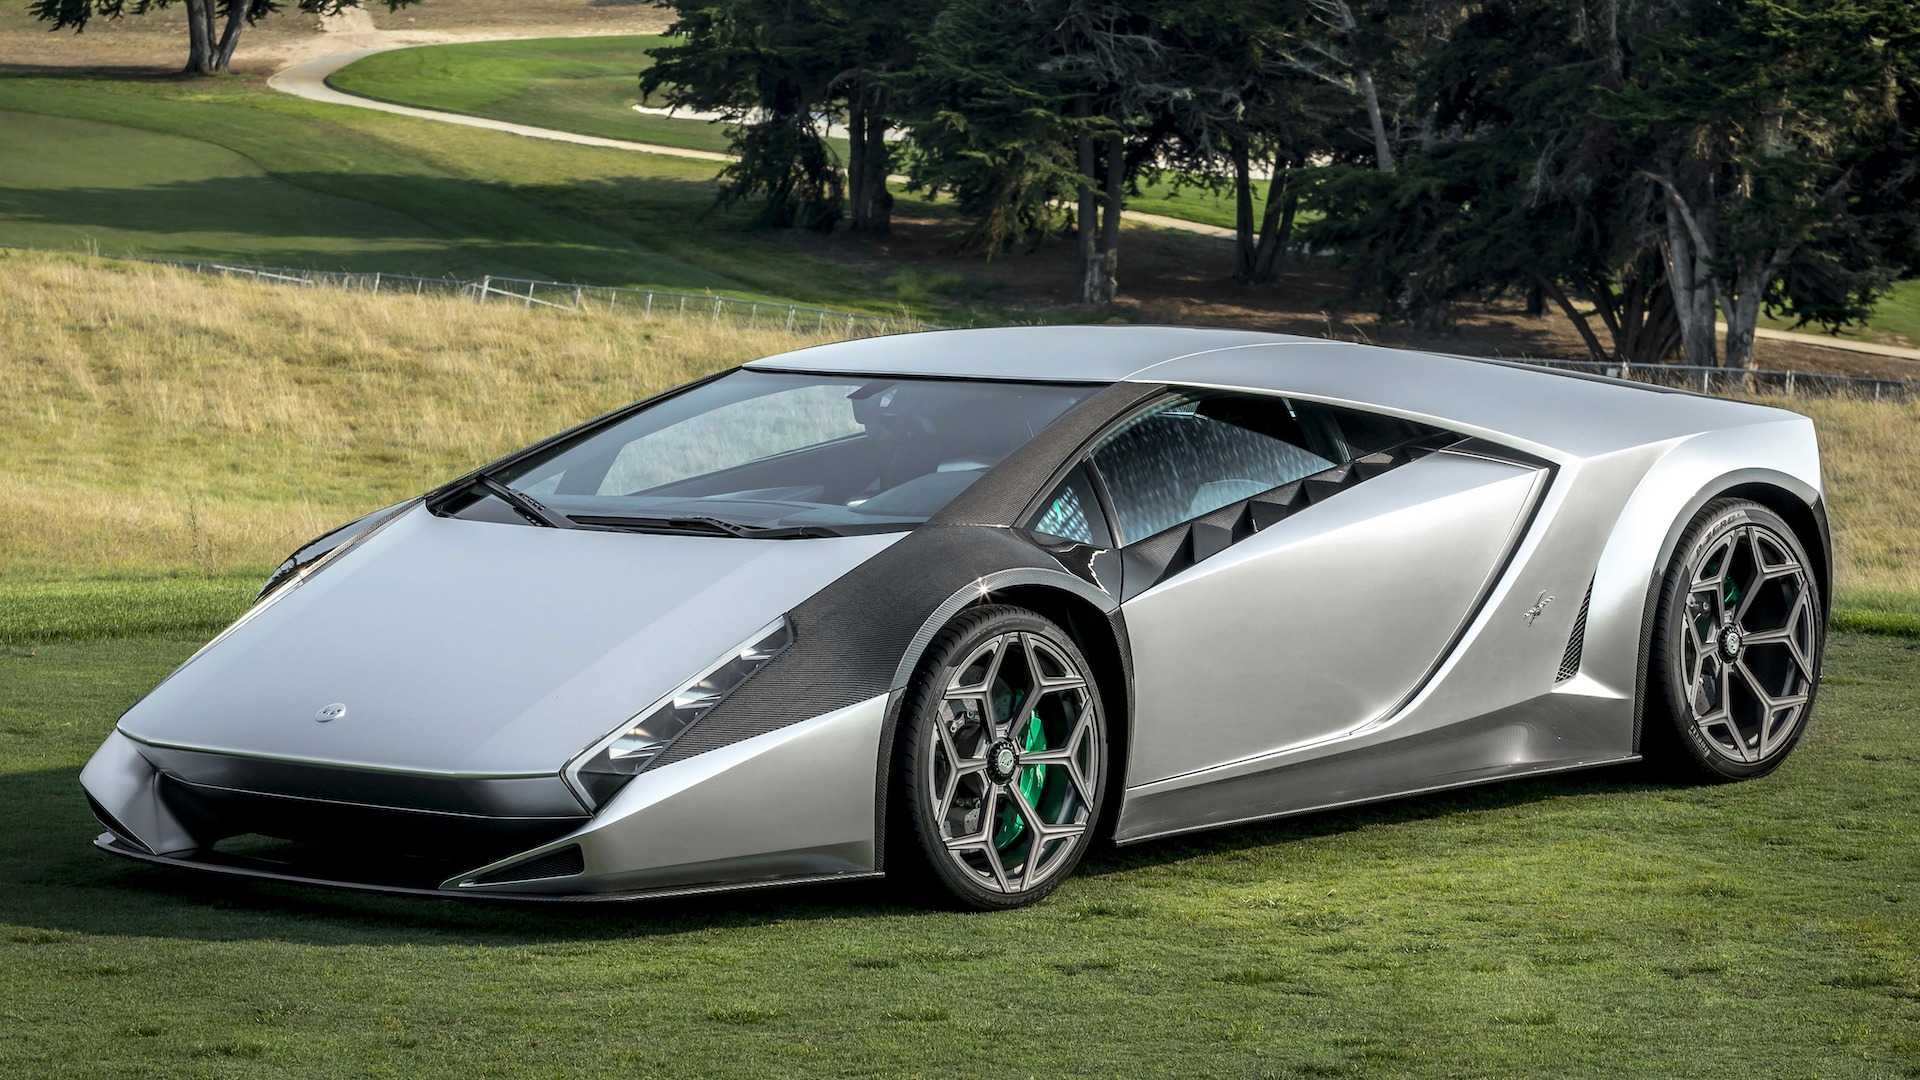 Lamborghini Kode 0 By Ken Okuyama: Supercar Sunday